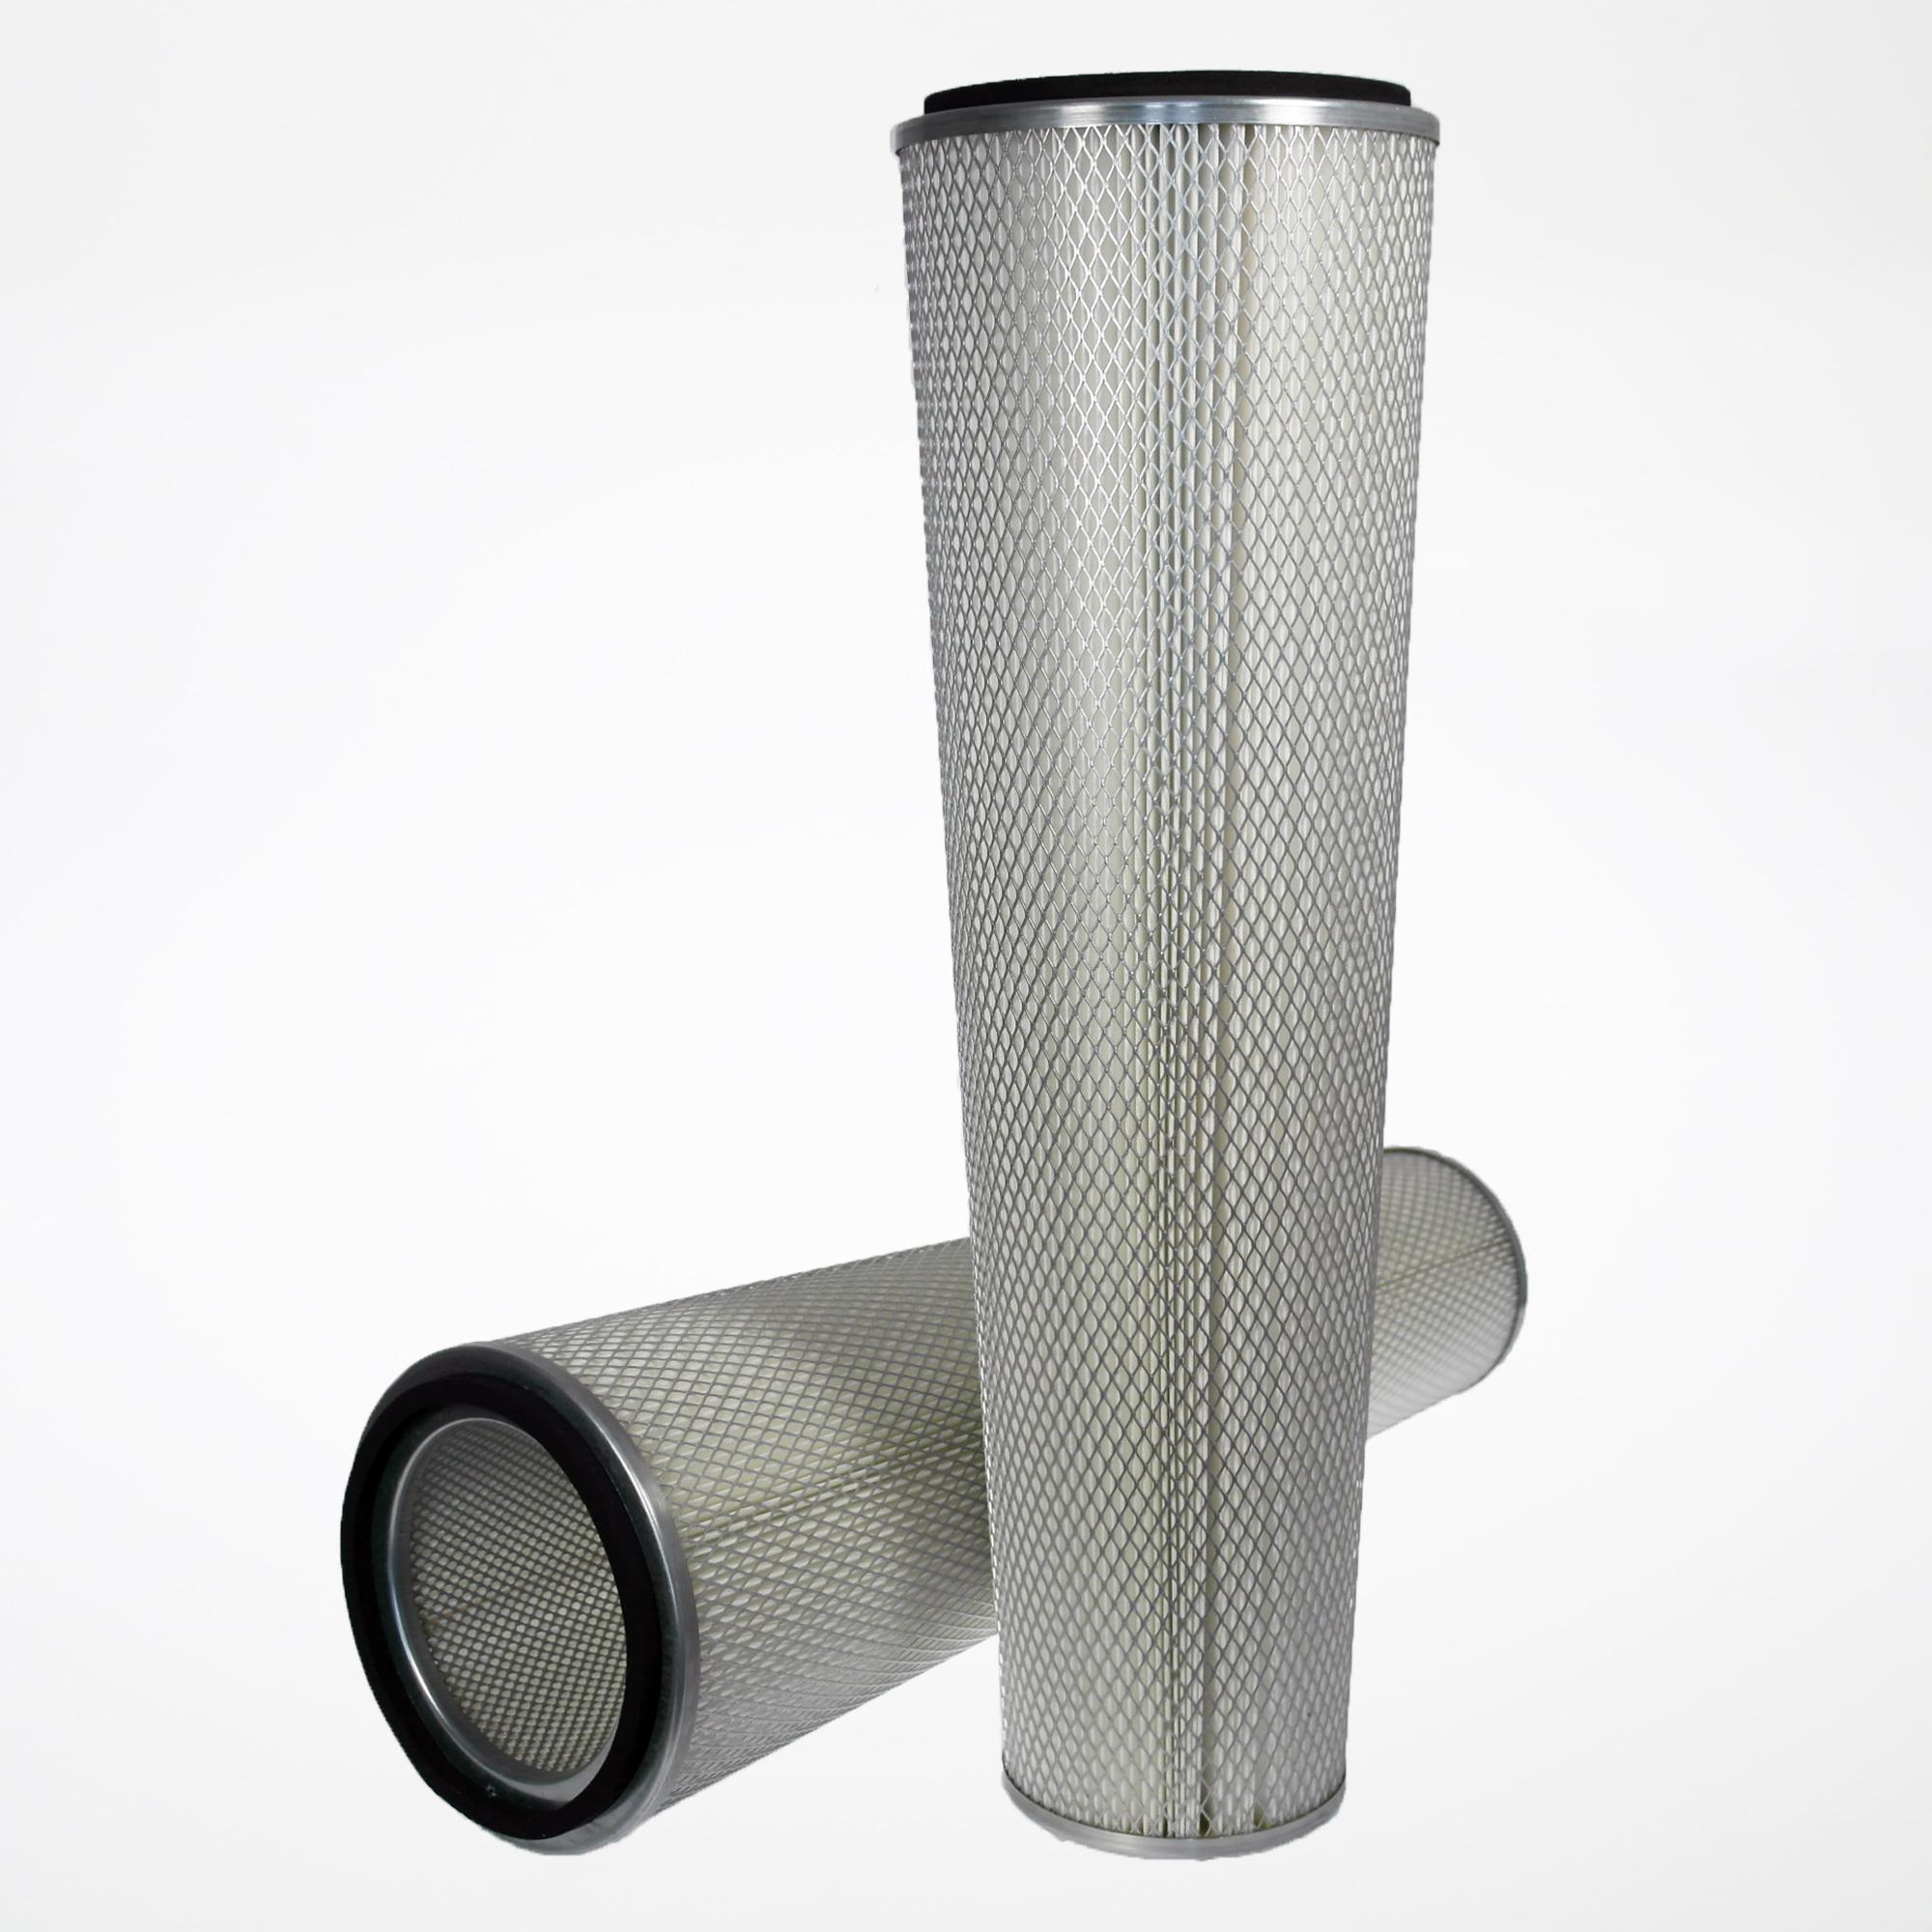 Filterelement for støv, varenummer 93215-726-P